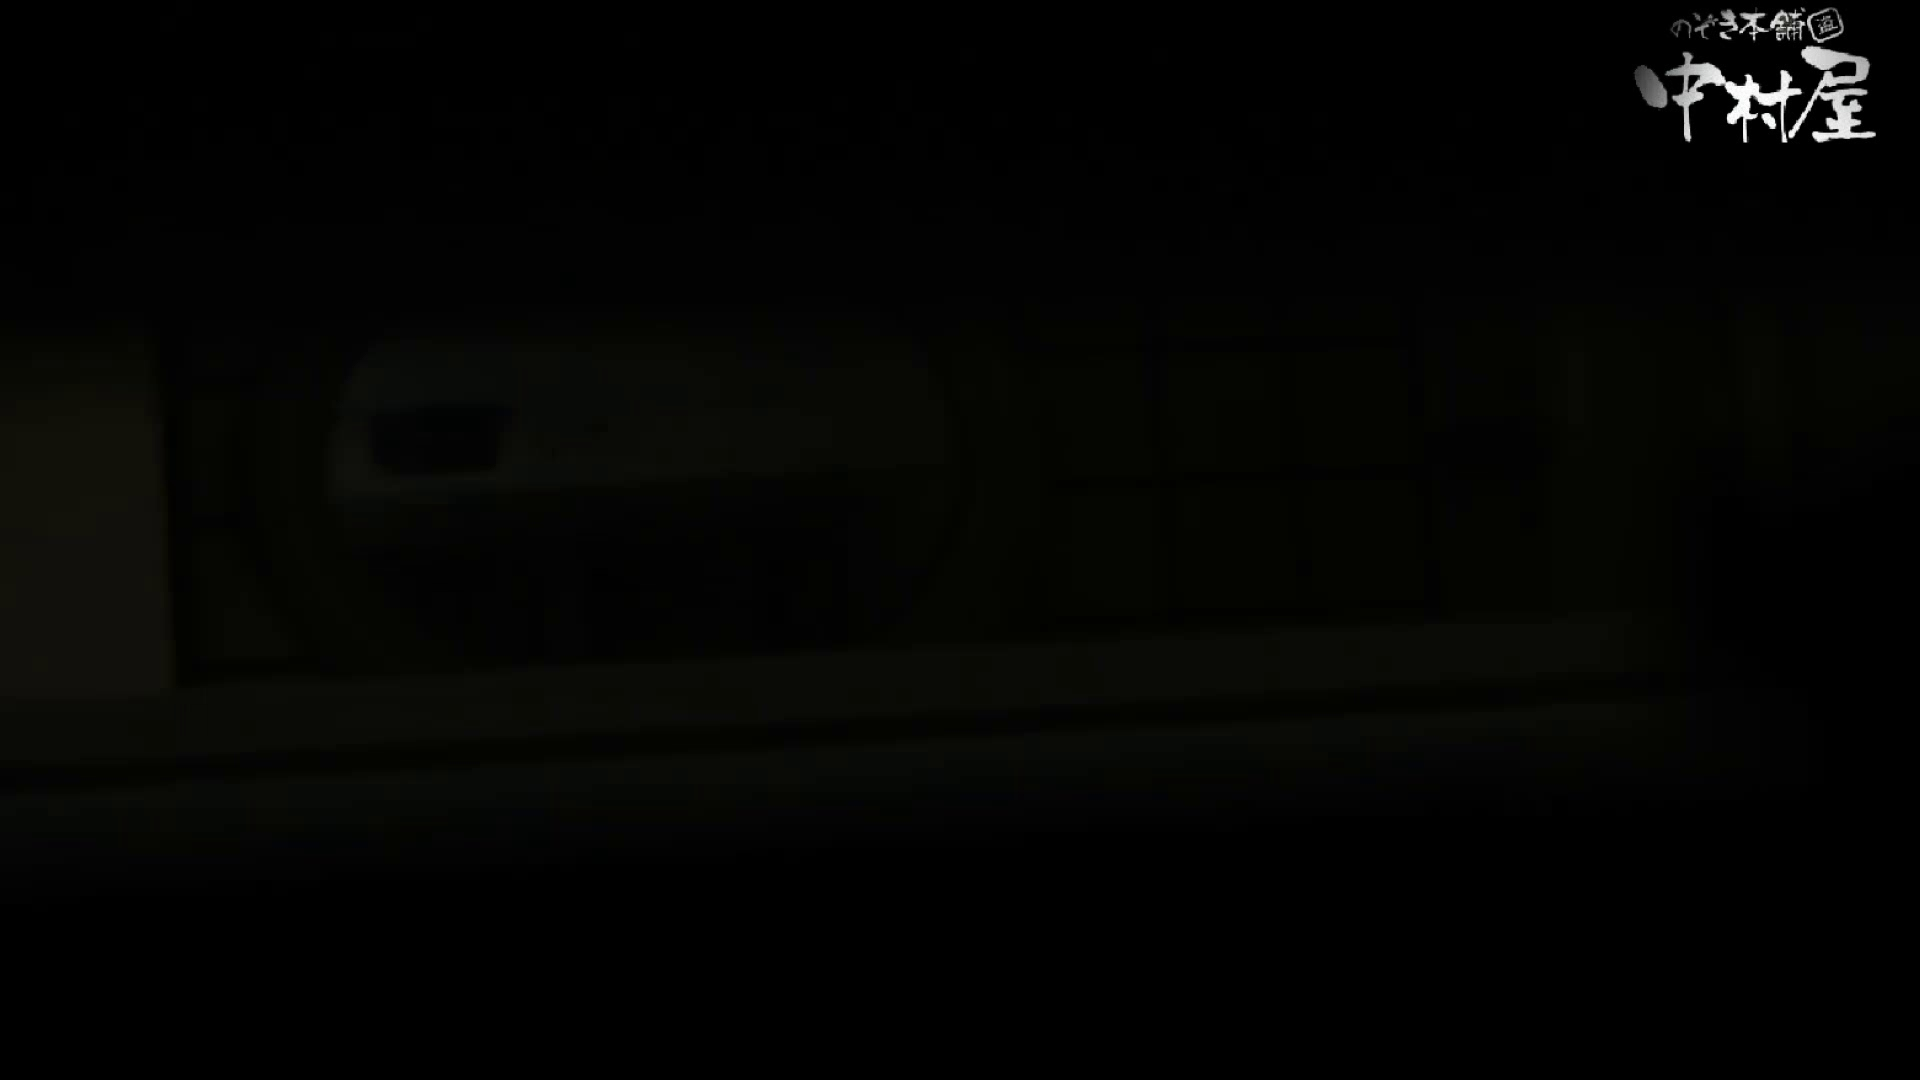 【美人が集まるファッションショッピングセンター洗面所盗SATU】ギャルのツルピカ潜入盗satu!Vol.09 洗面所 | ギャルヌード  84画像 76